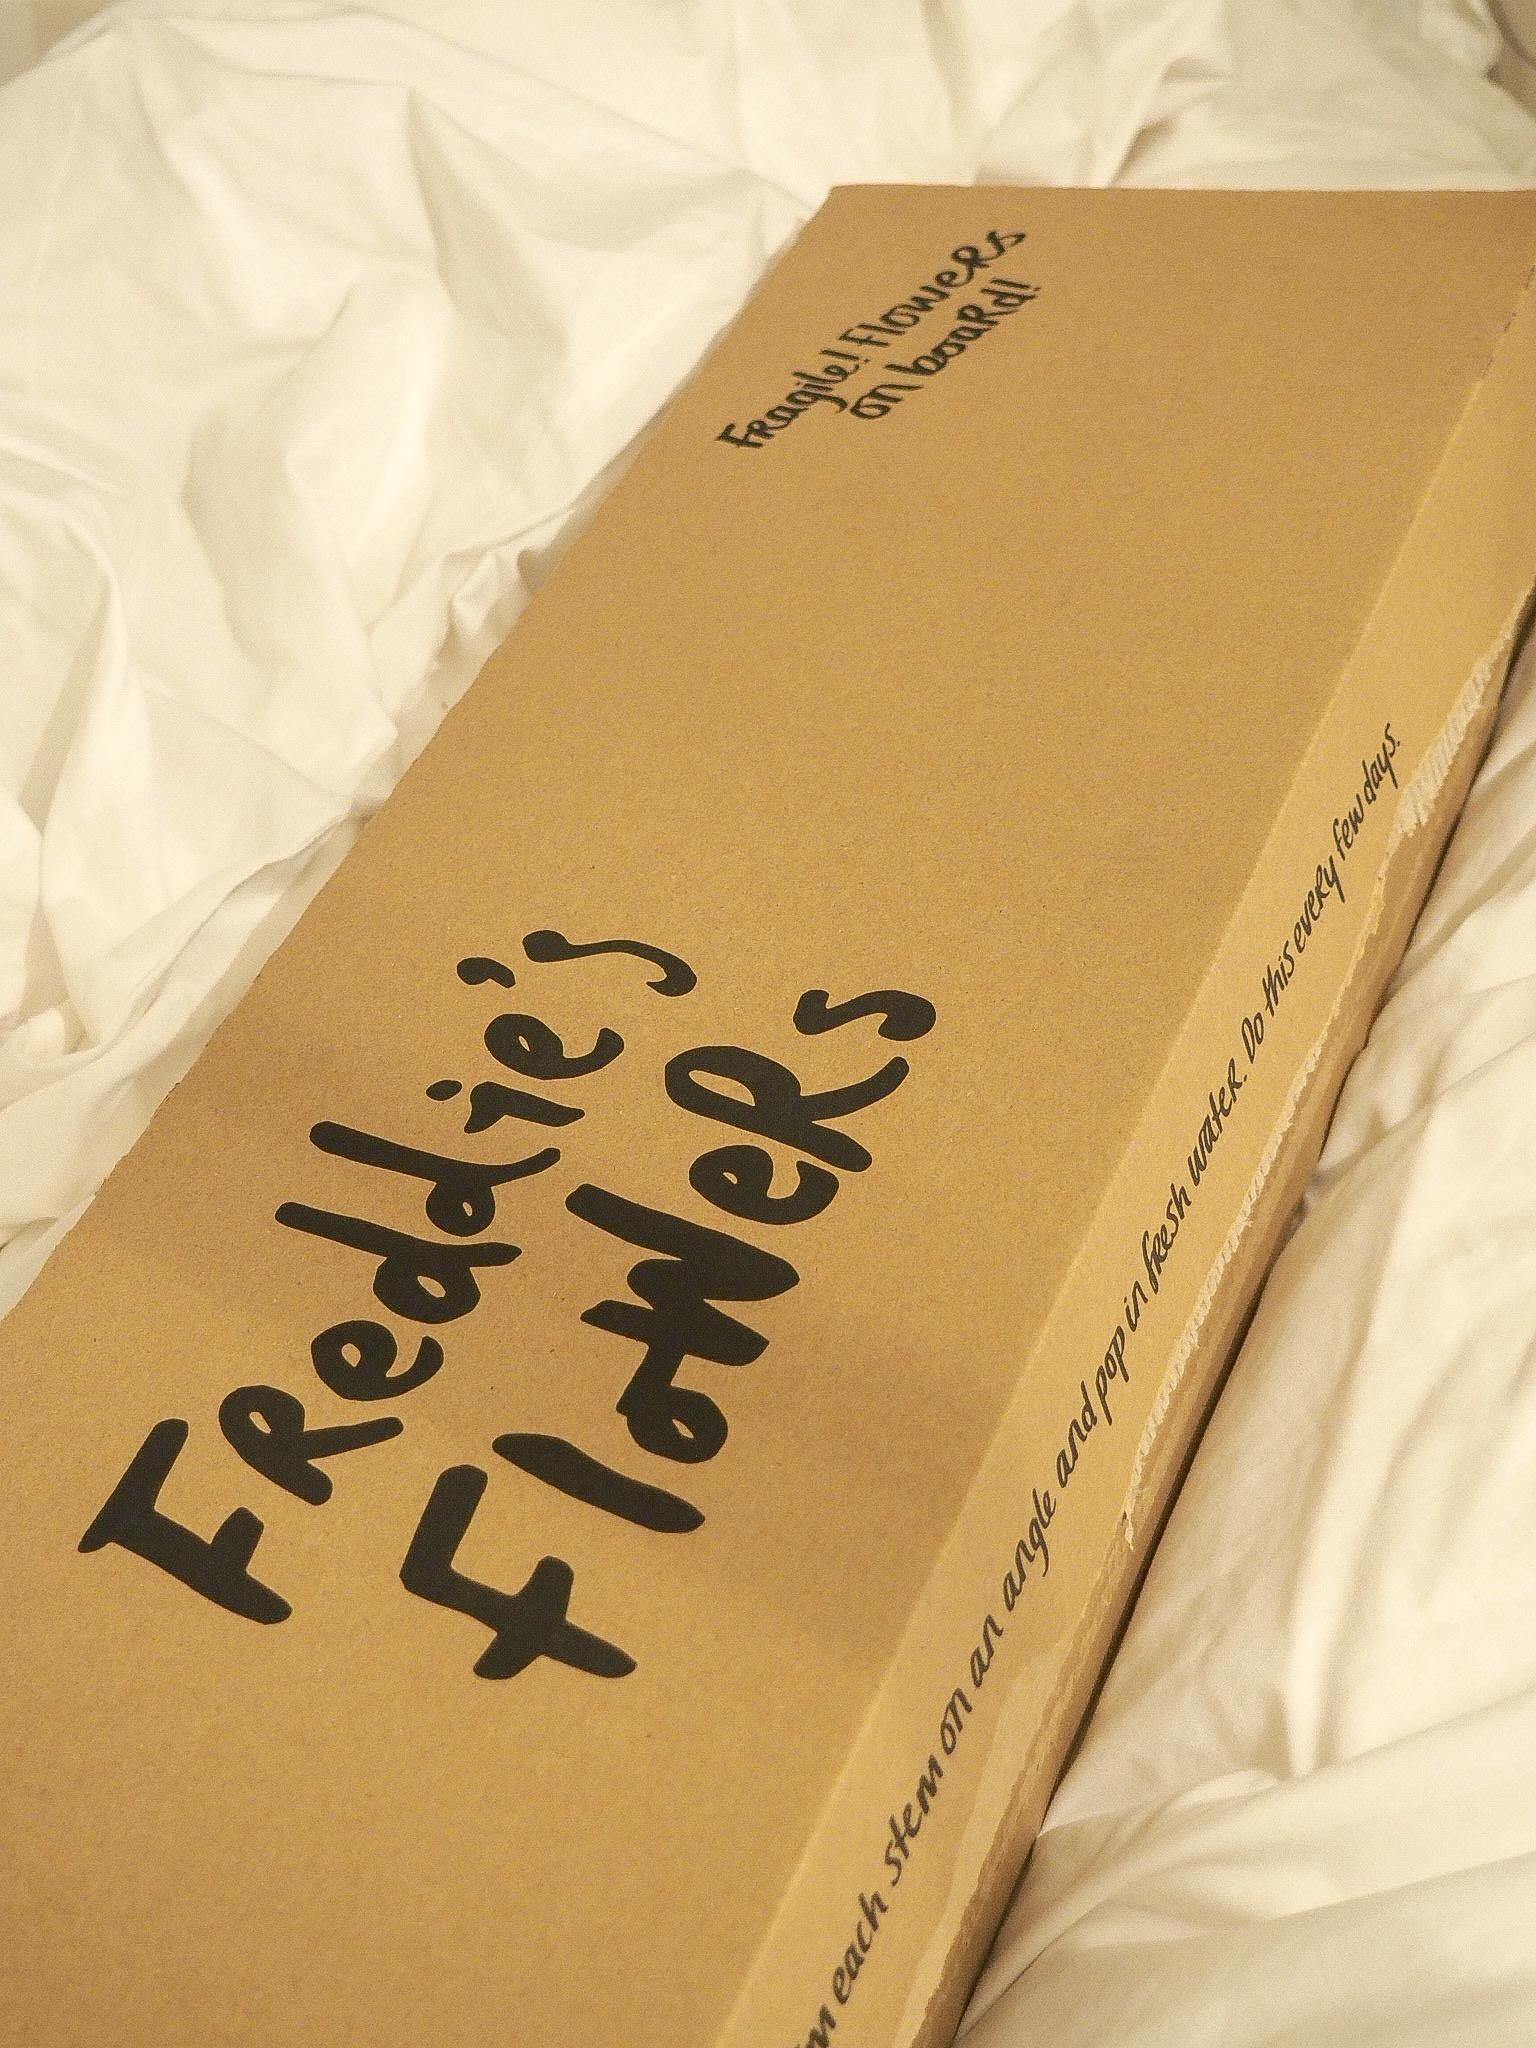 Freddie's Flowers box